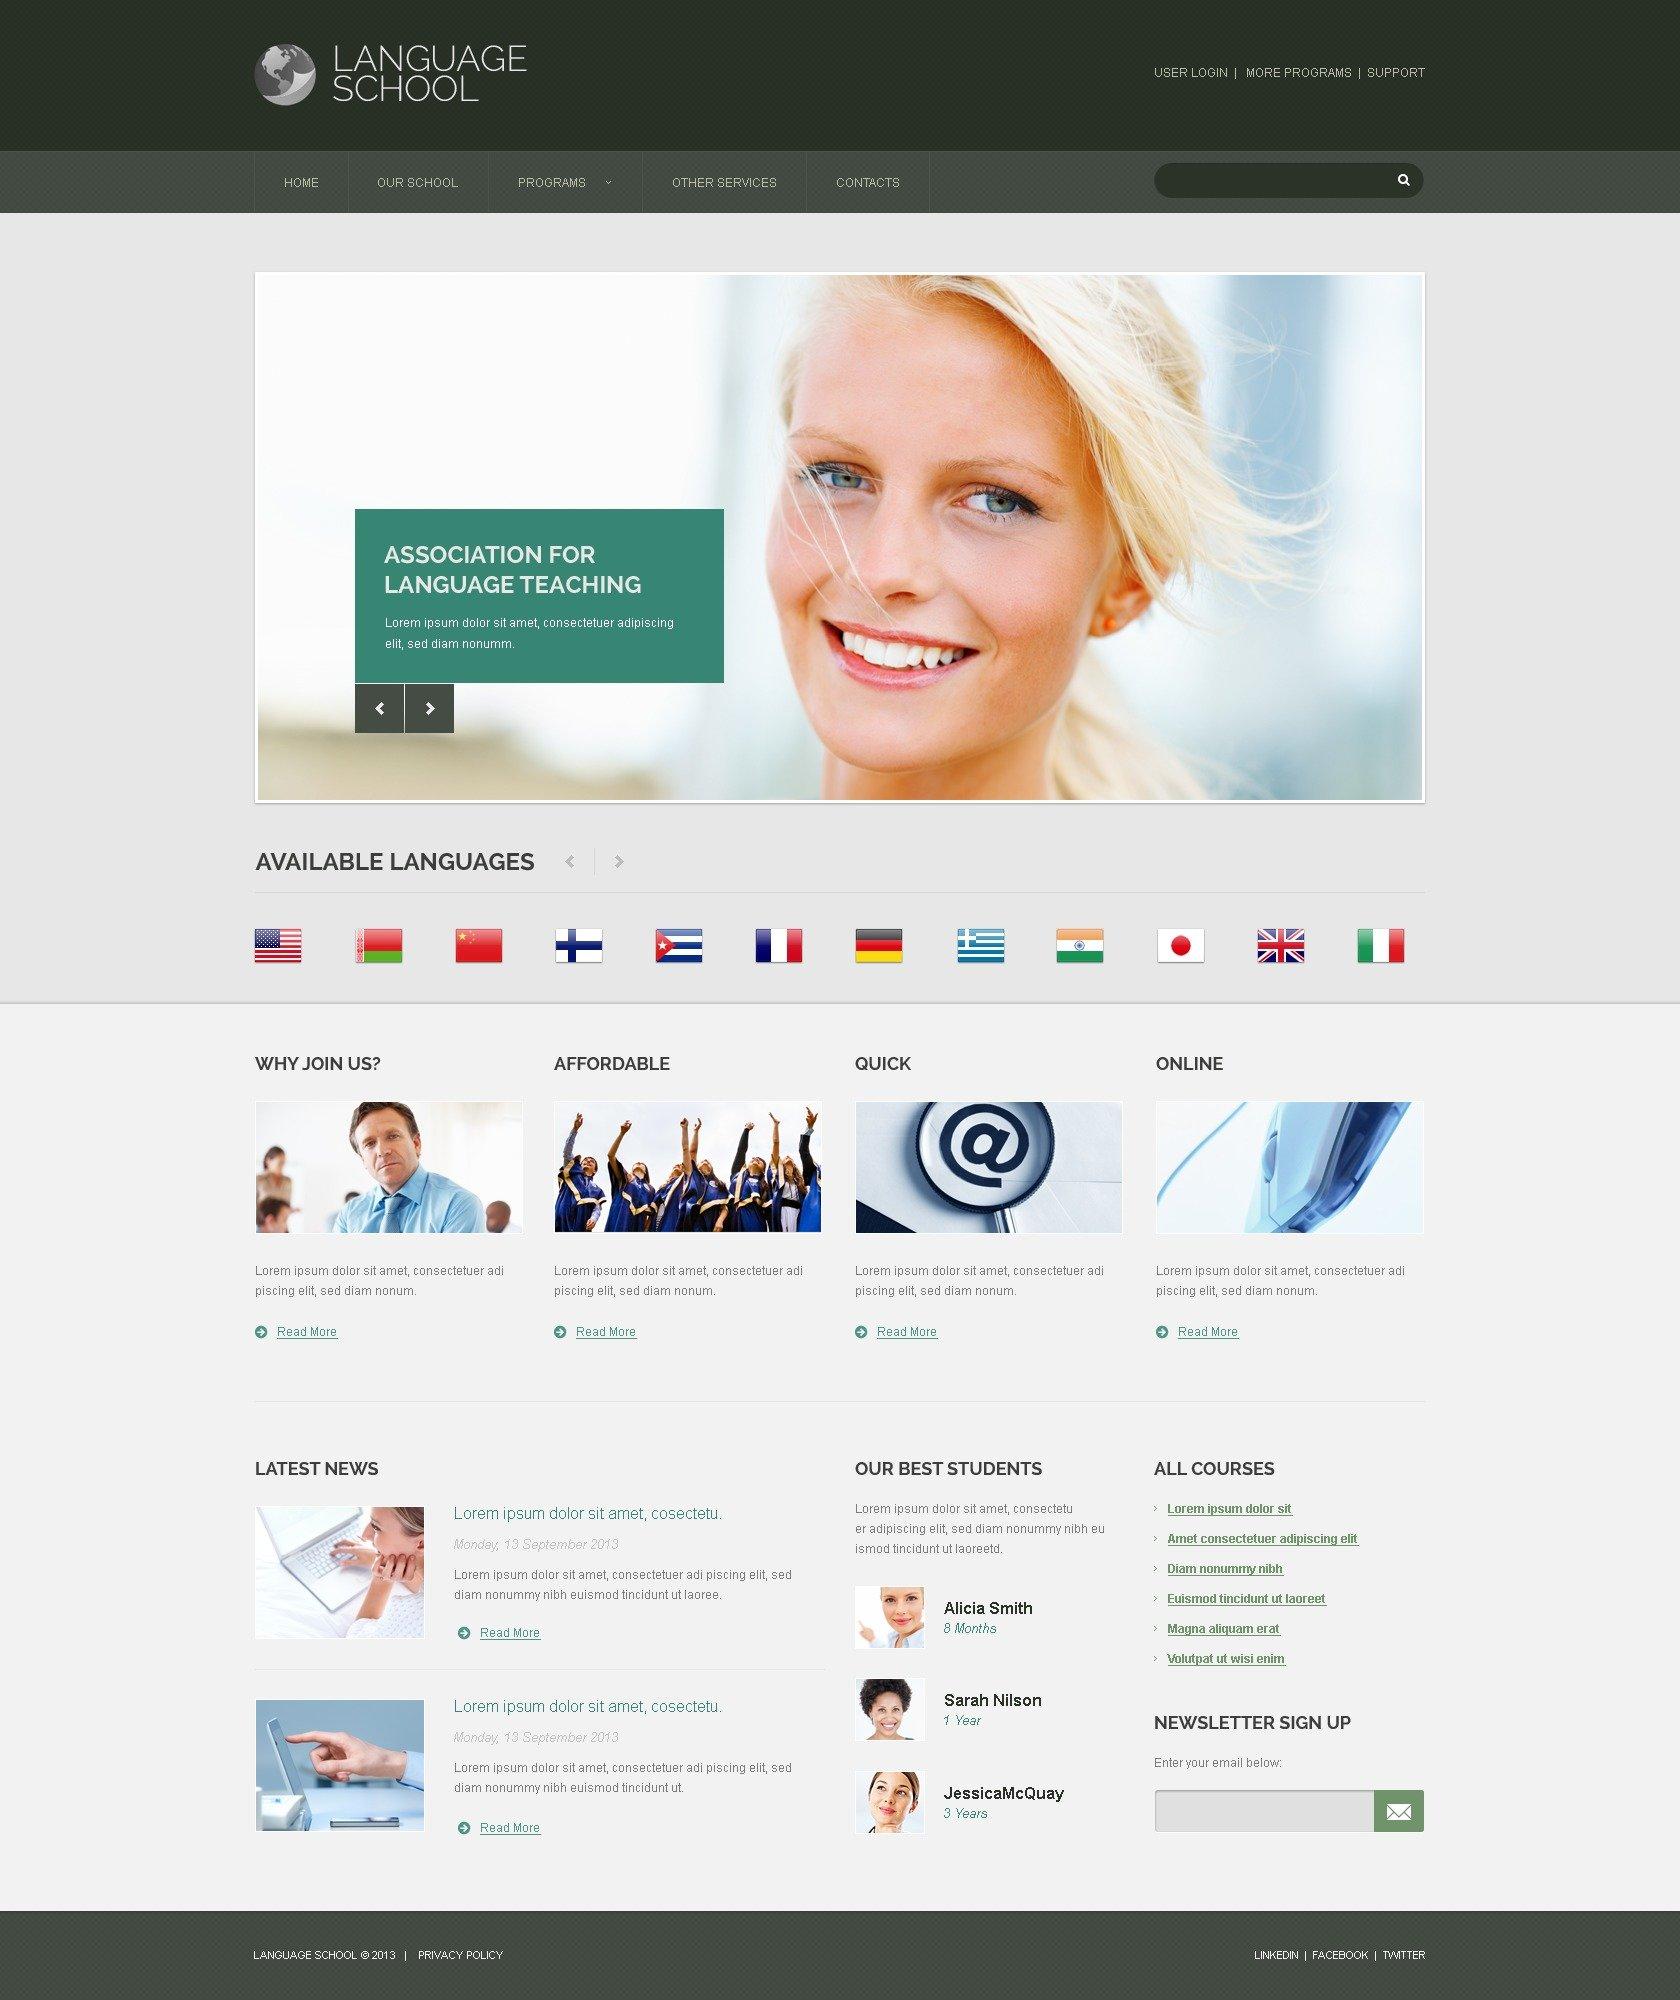 Language School Responsive Website Template #44899